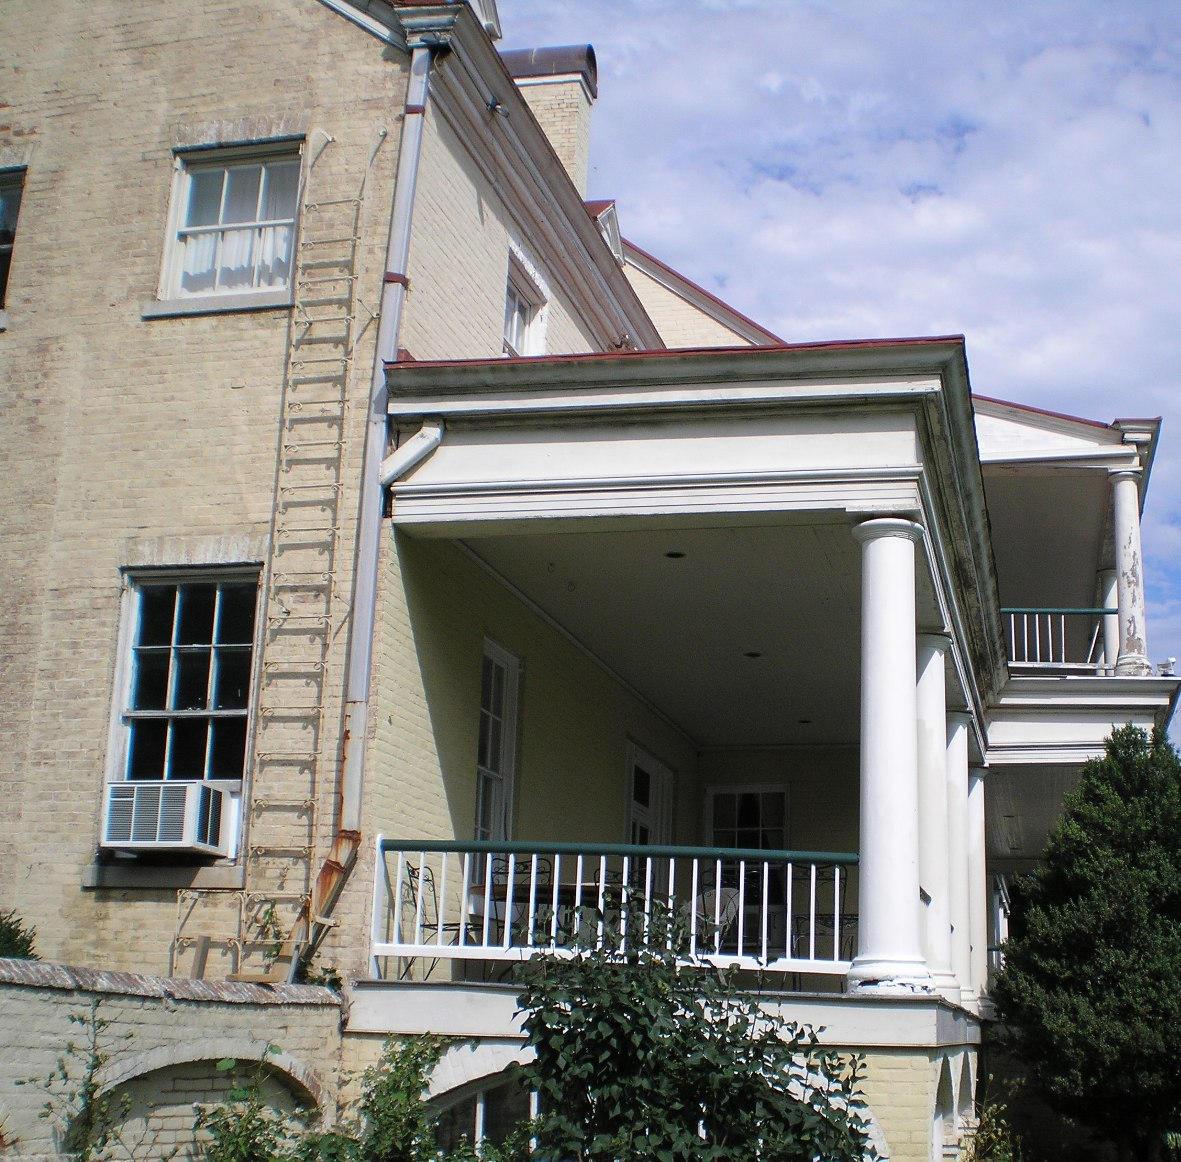 SHWC2006: Mansion Right Annex by steward